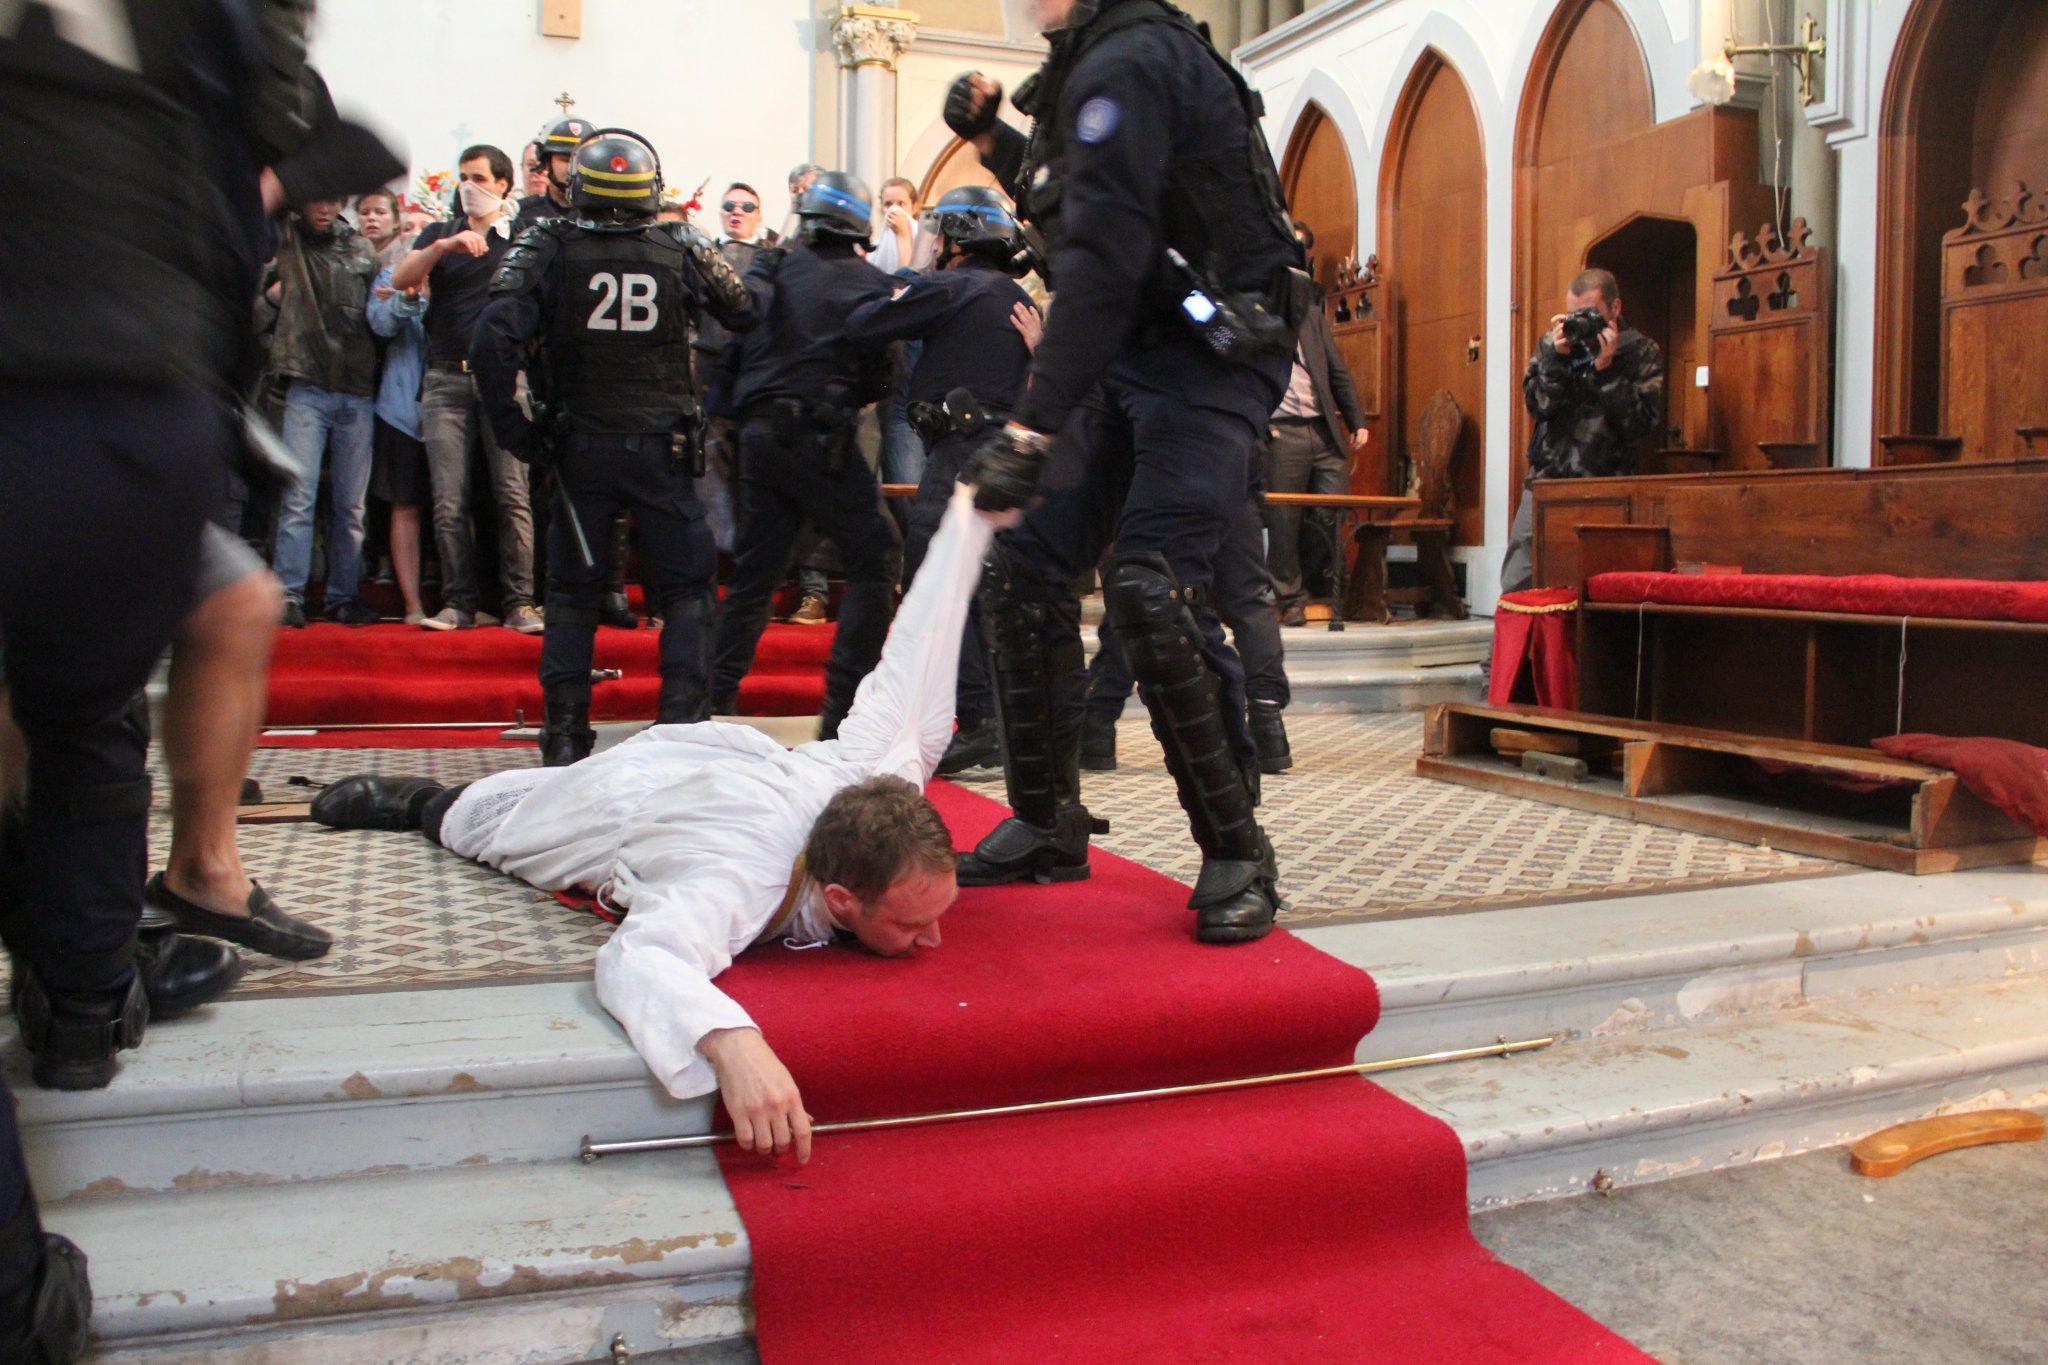 Les images choquantes de l'évacuation dans la violence de l'église Sainte-Rita et les réactions de la droite